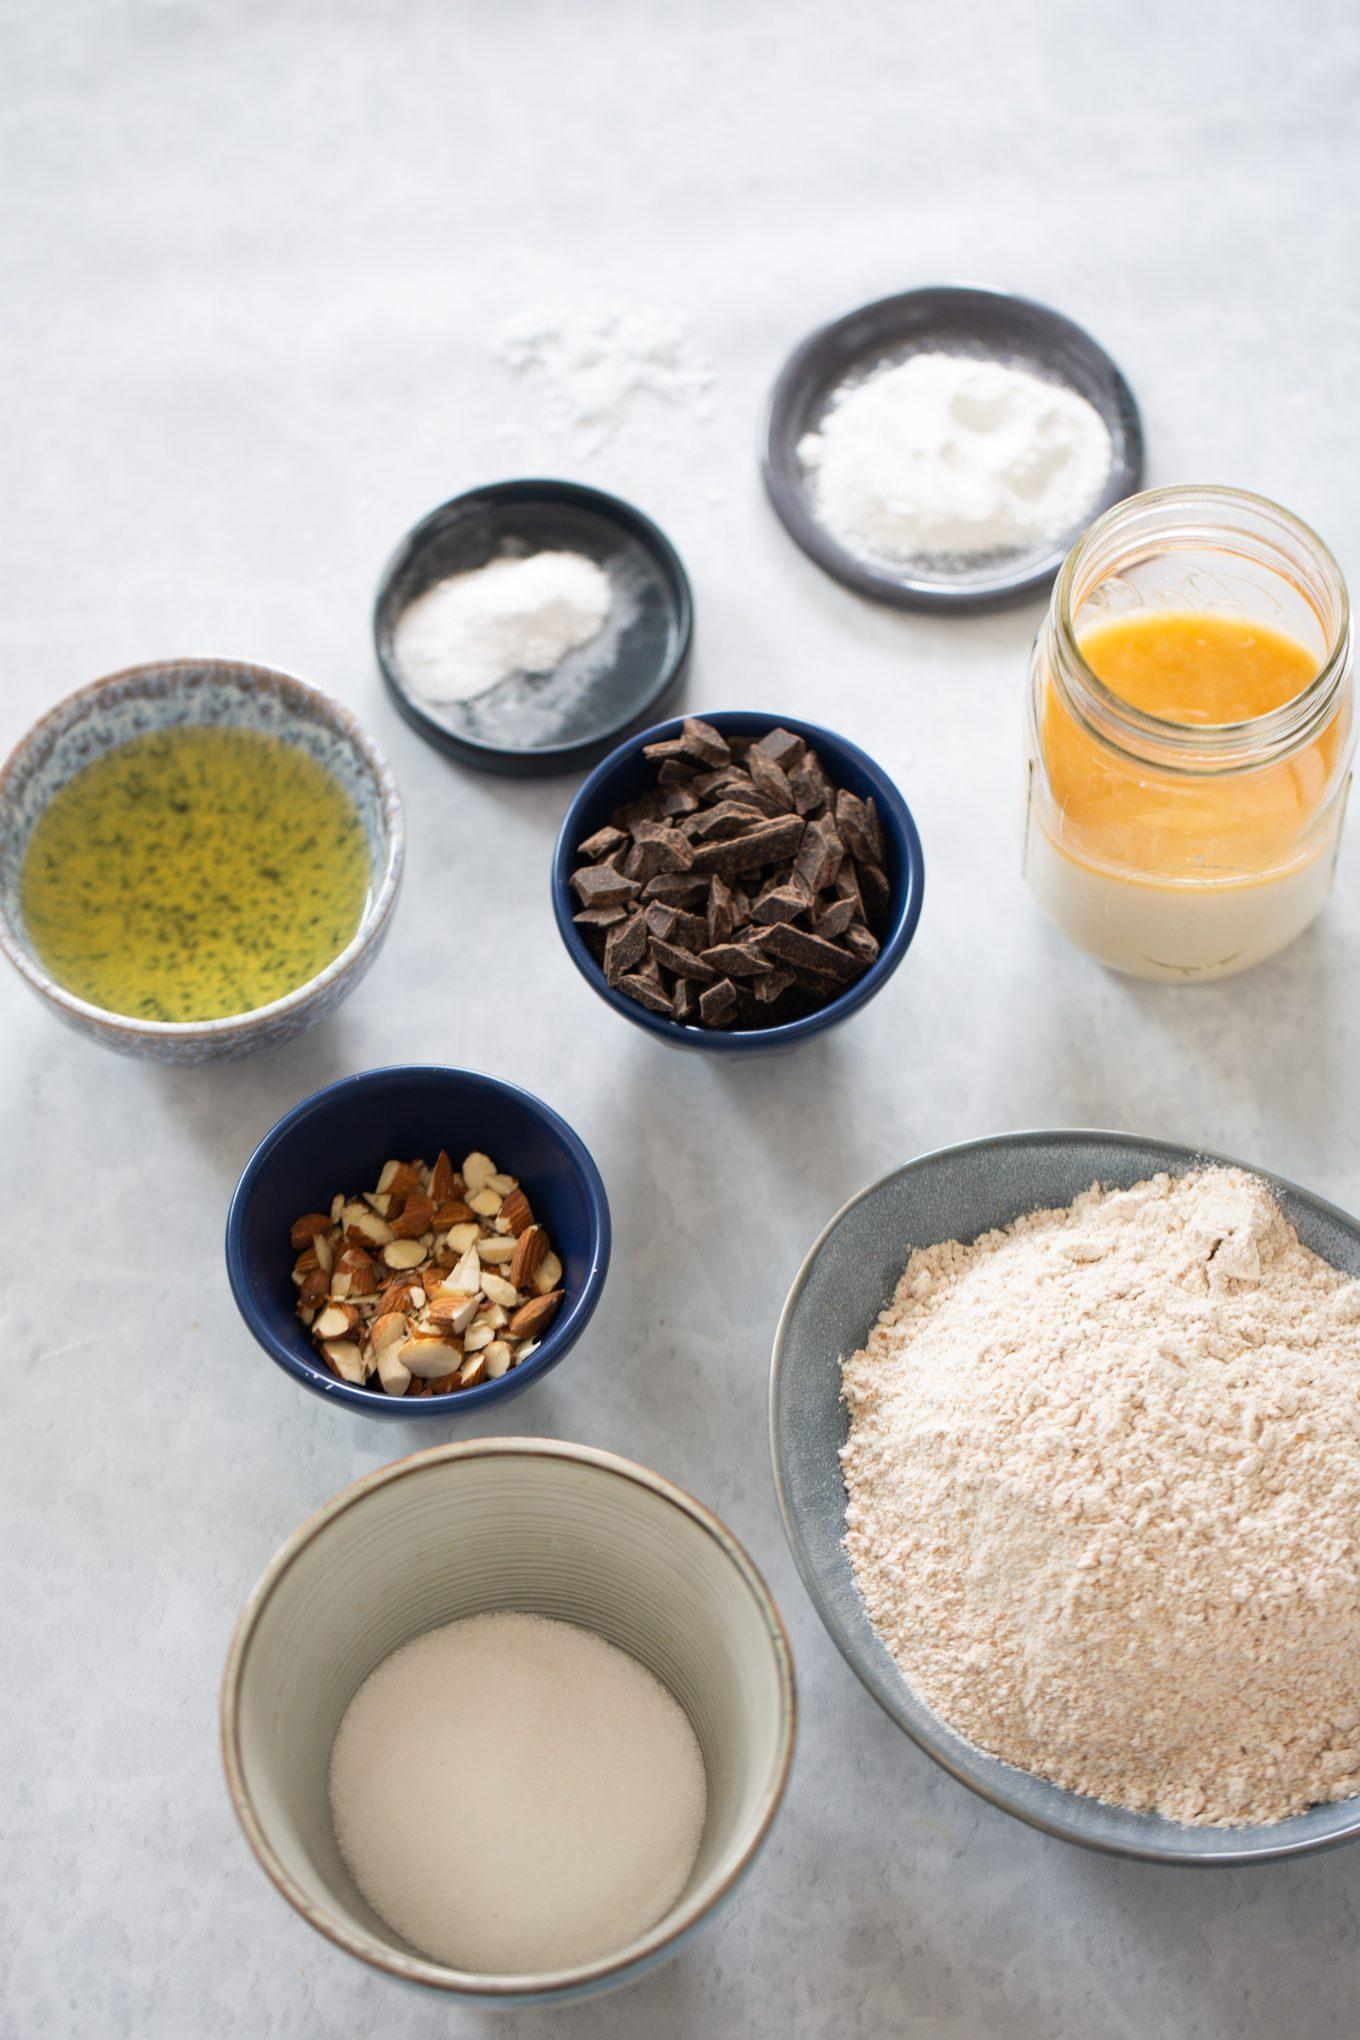 ingredientes para hacer pastelitos de chocolate y almendra